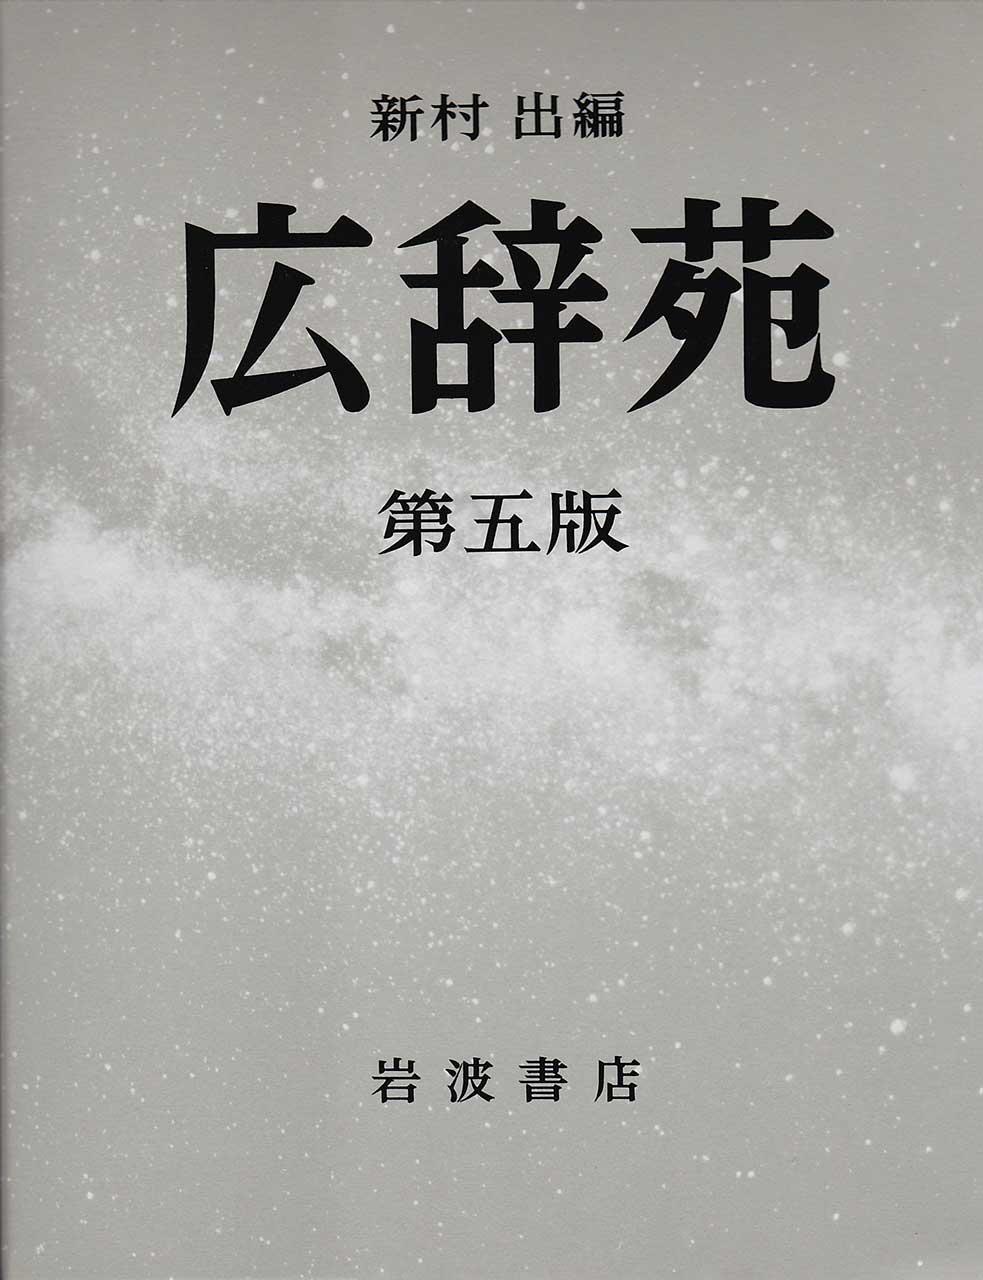 広辞苑.jpg